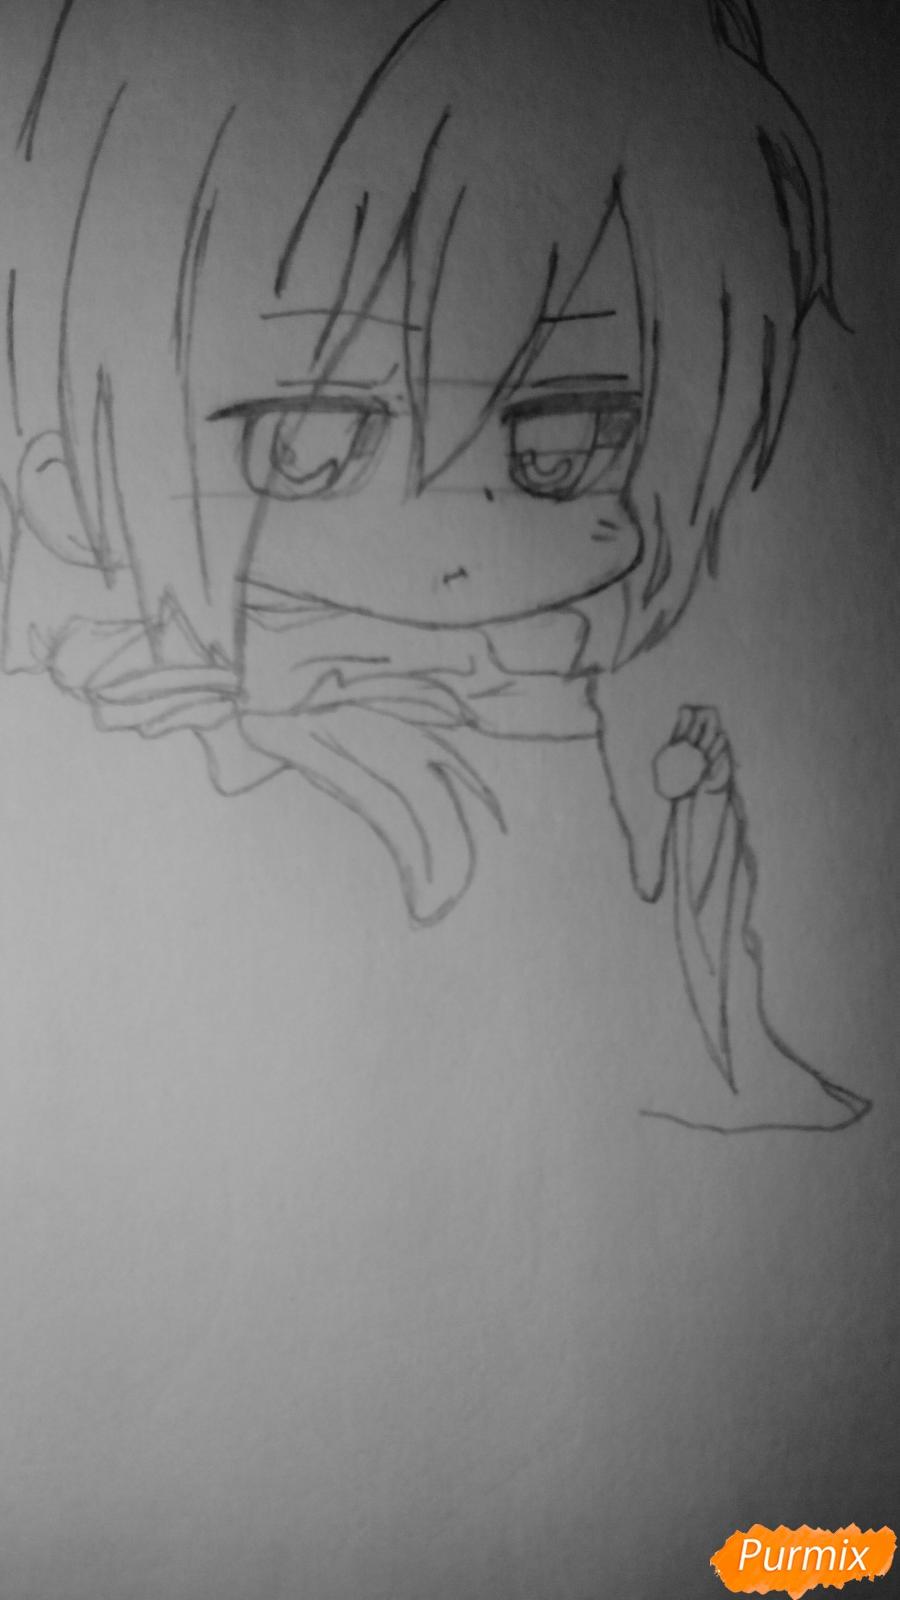 Рисуем чиби Сайто Хаджиме из аниме Сказание о демонах сакуры - фото 4